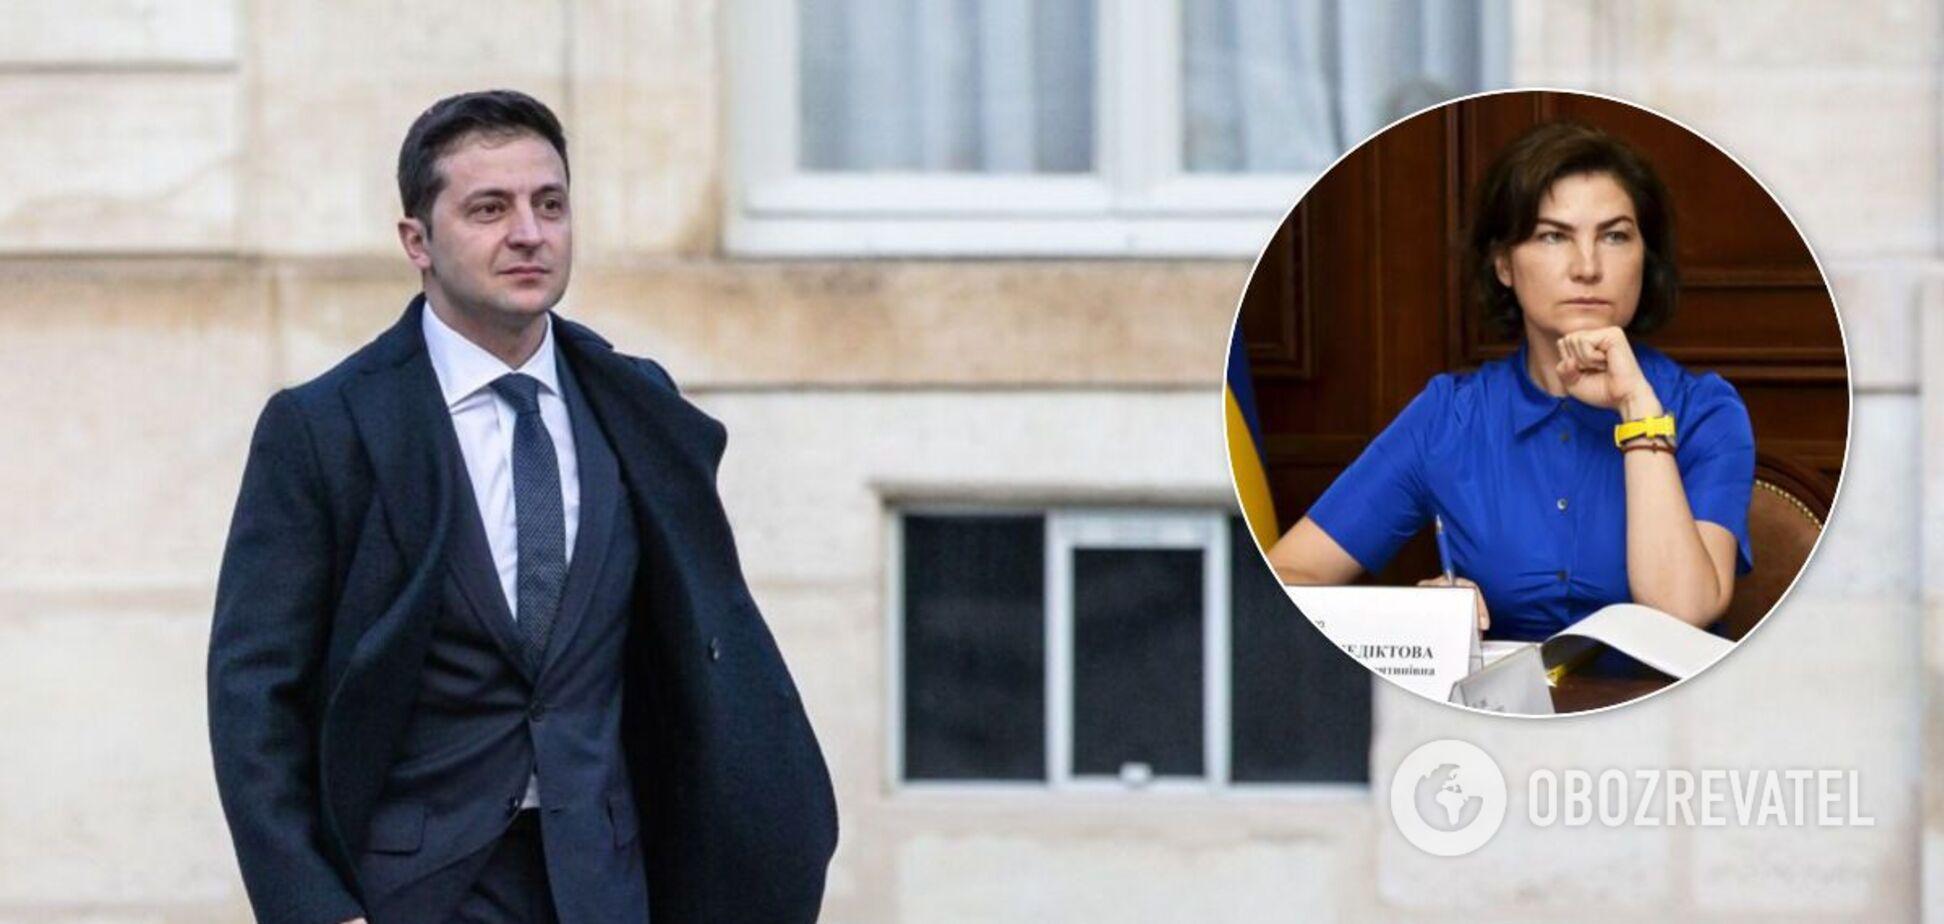 Зеленский заявил, что может уволить Венедиктову: генпрокурор ответила